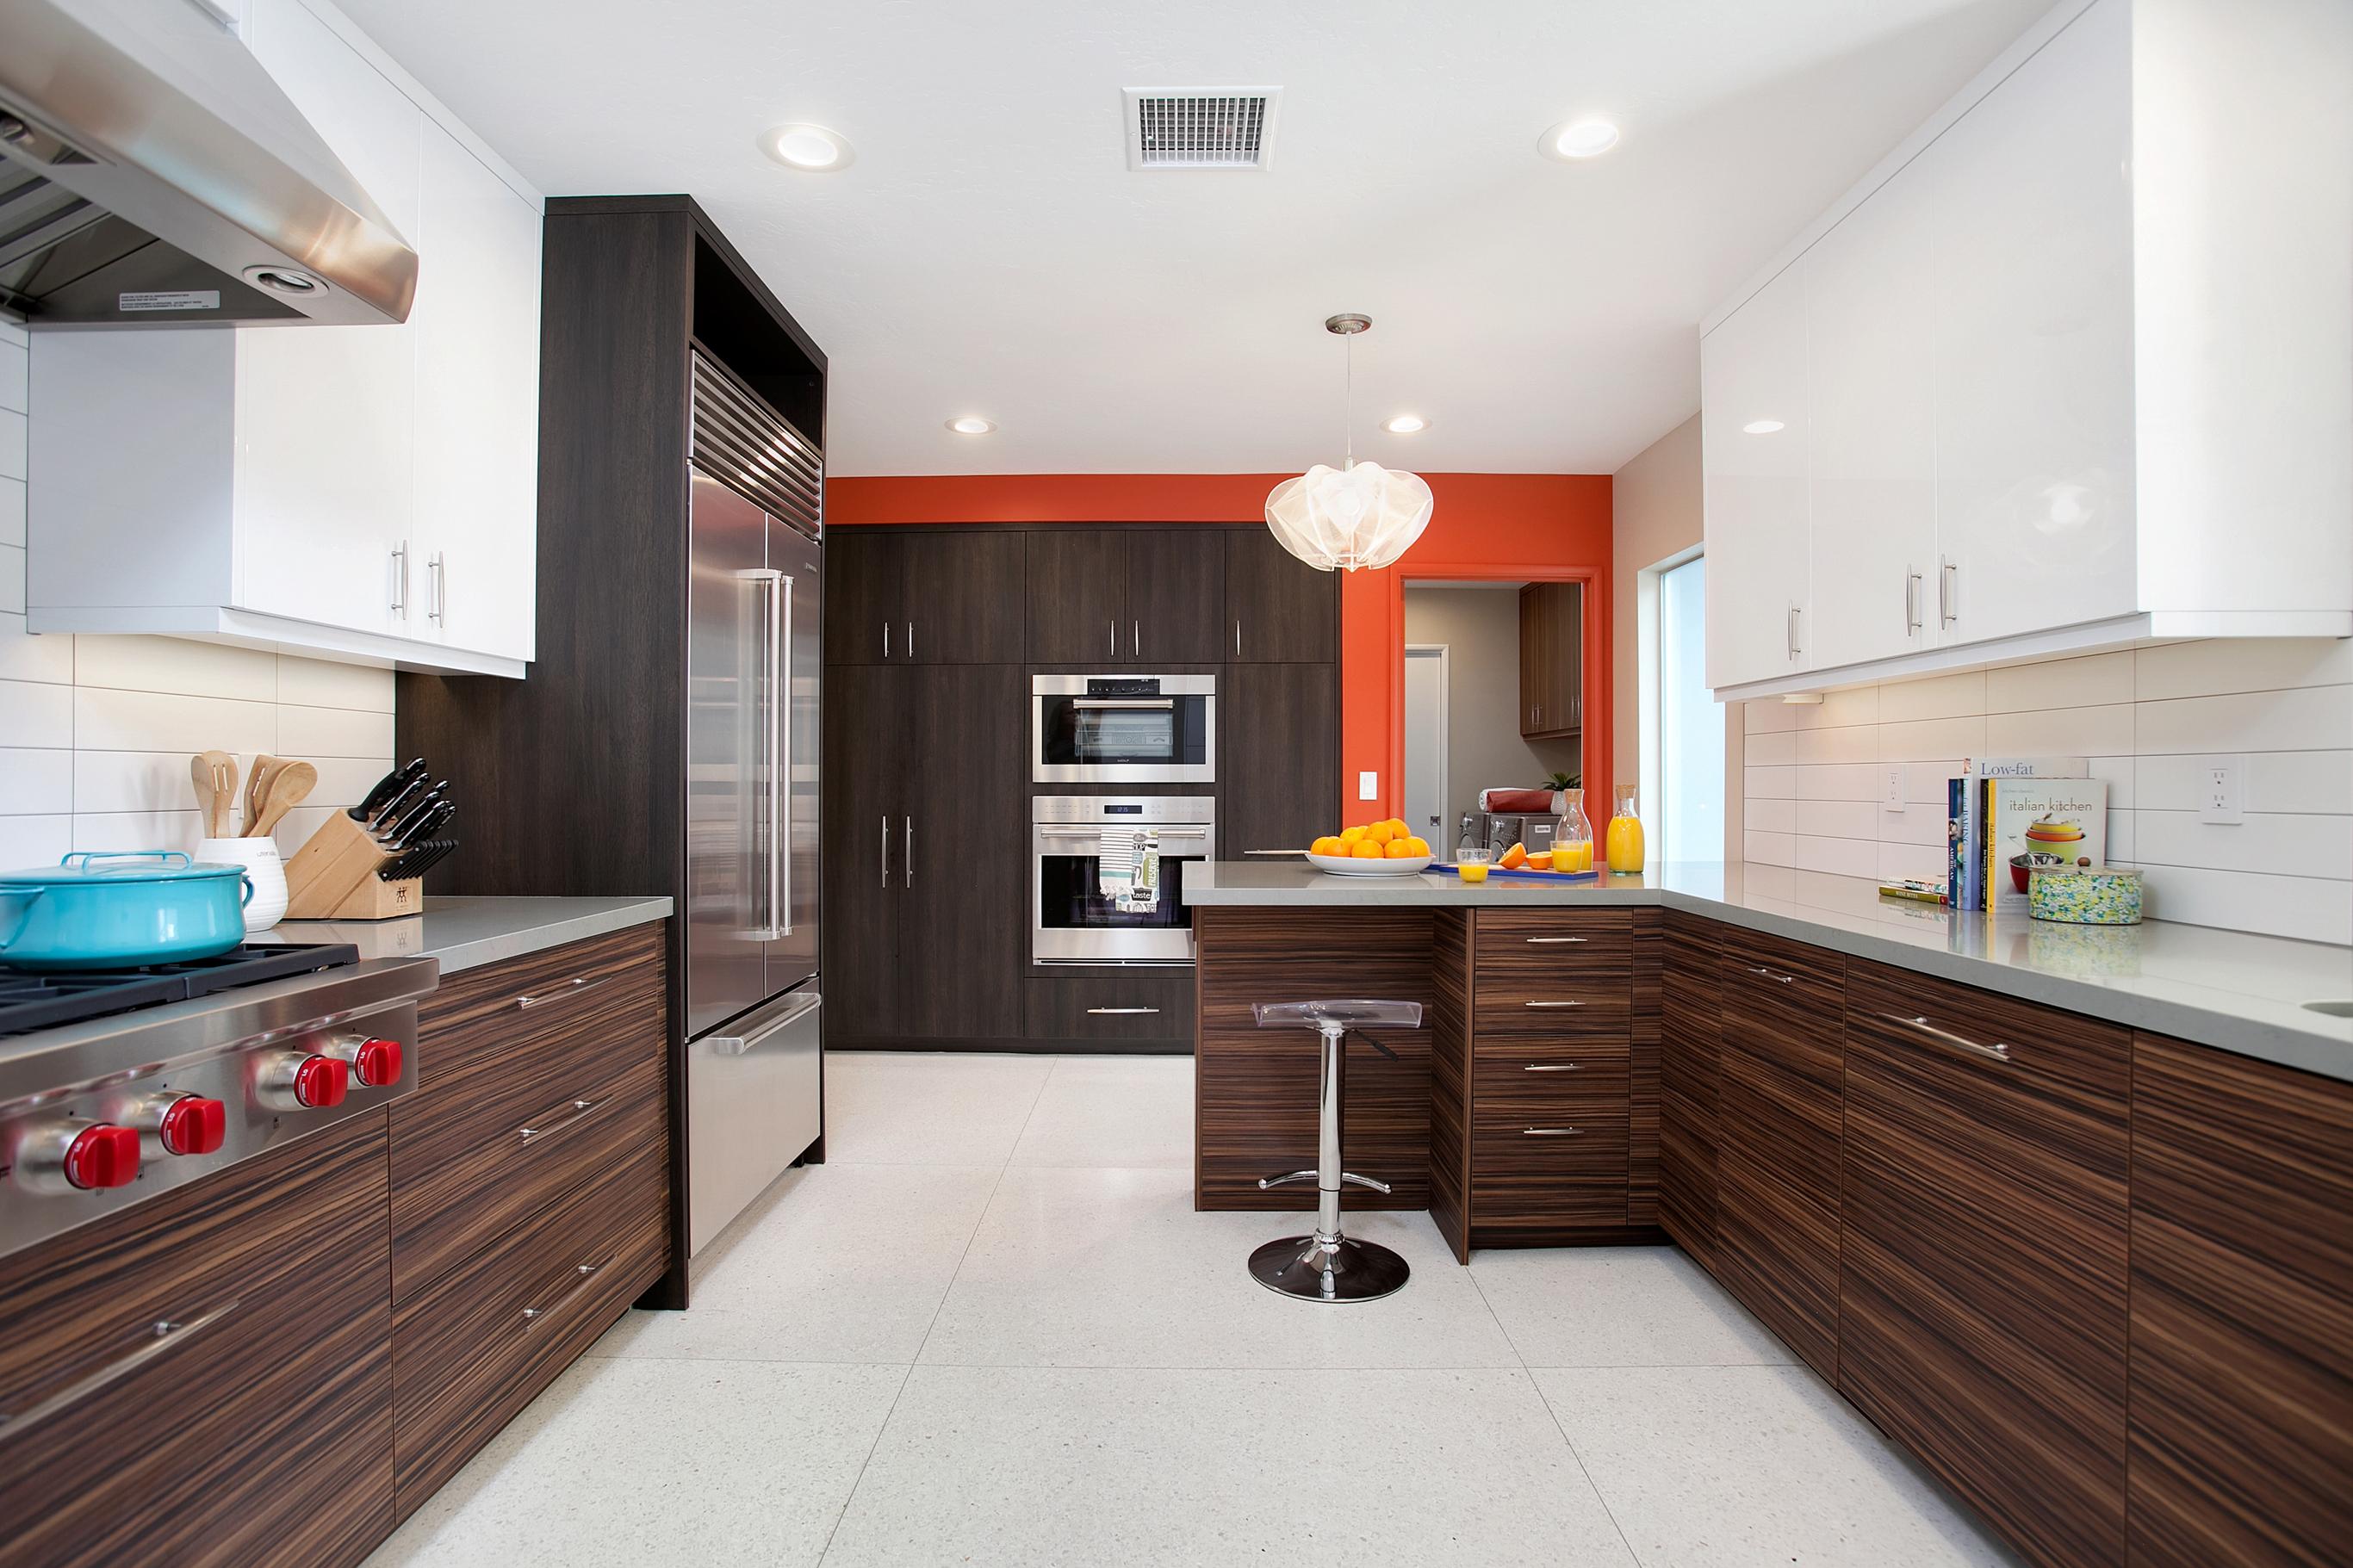 Kitchen Cabinets Scandinavian Design